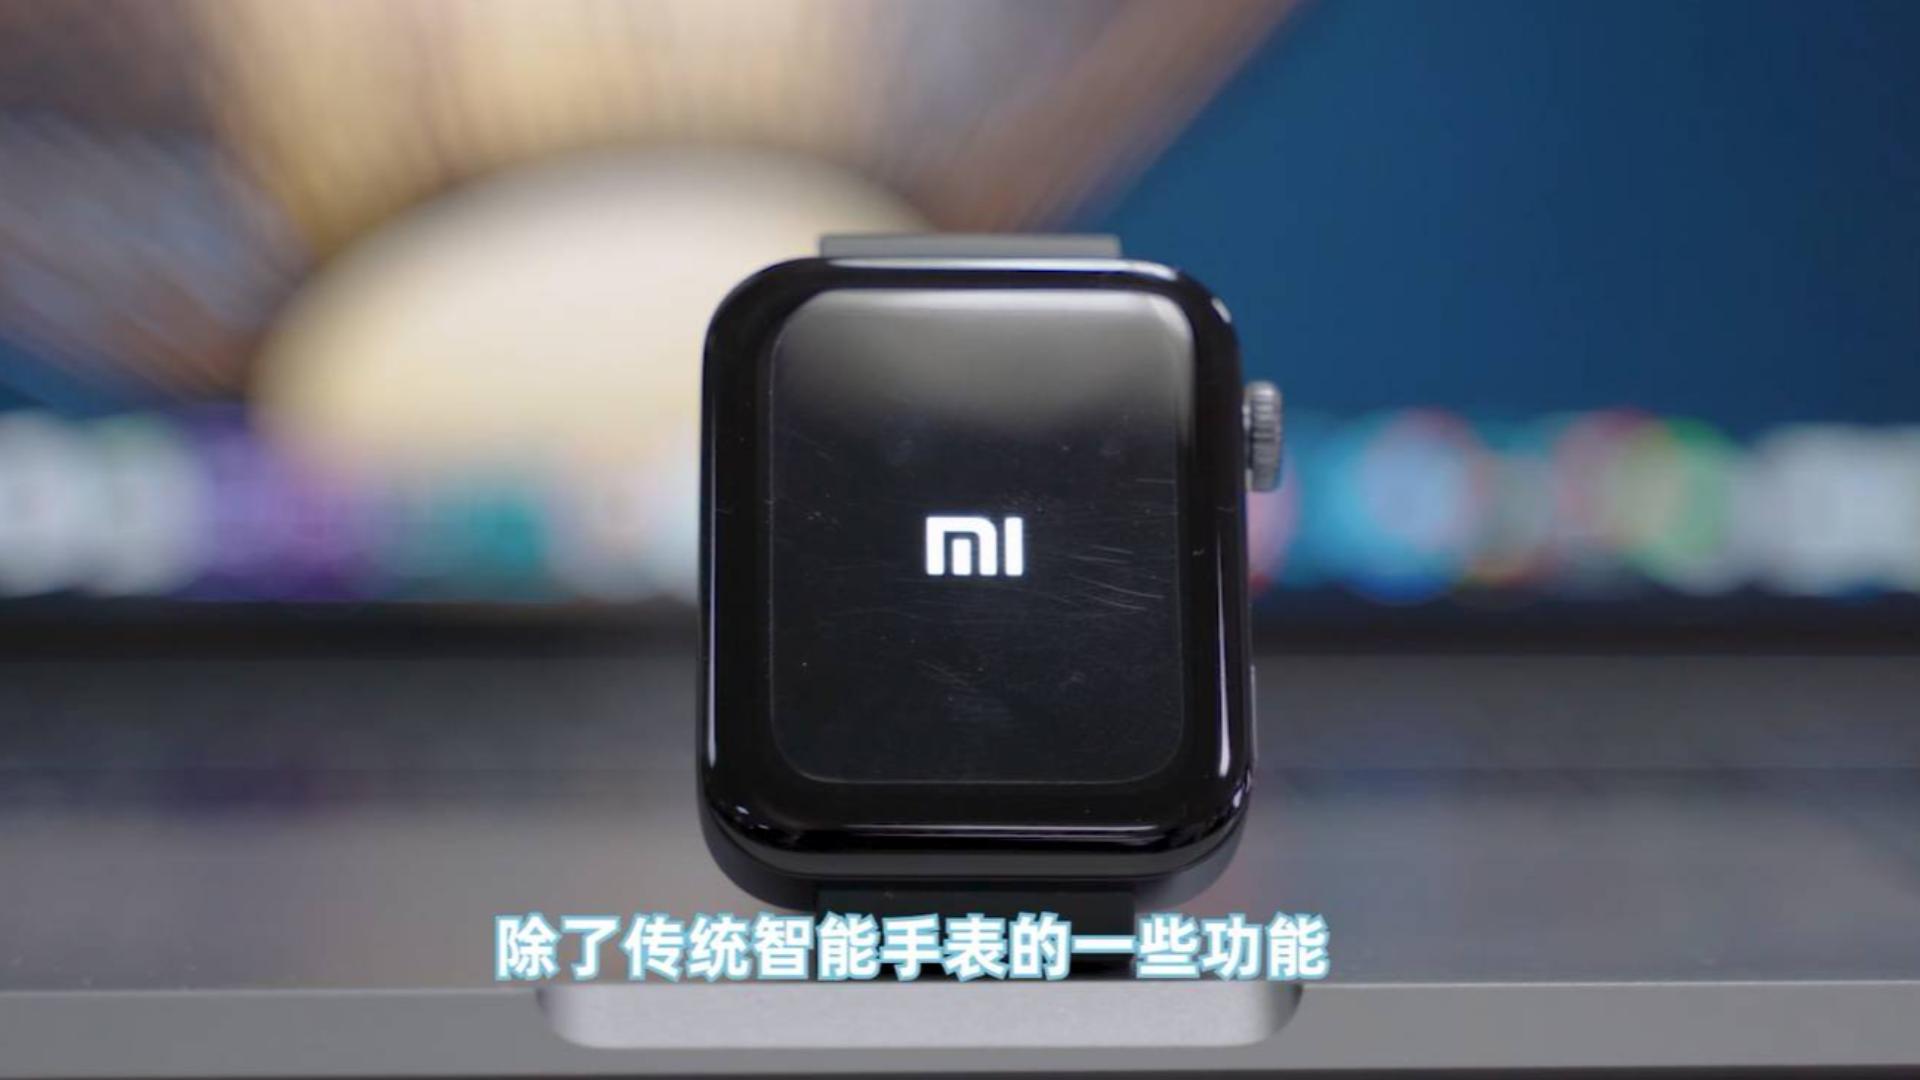 小米第一款智能手表,亲身体验一周的测评,值得买吗?